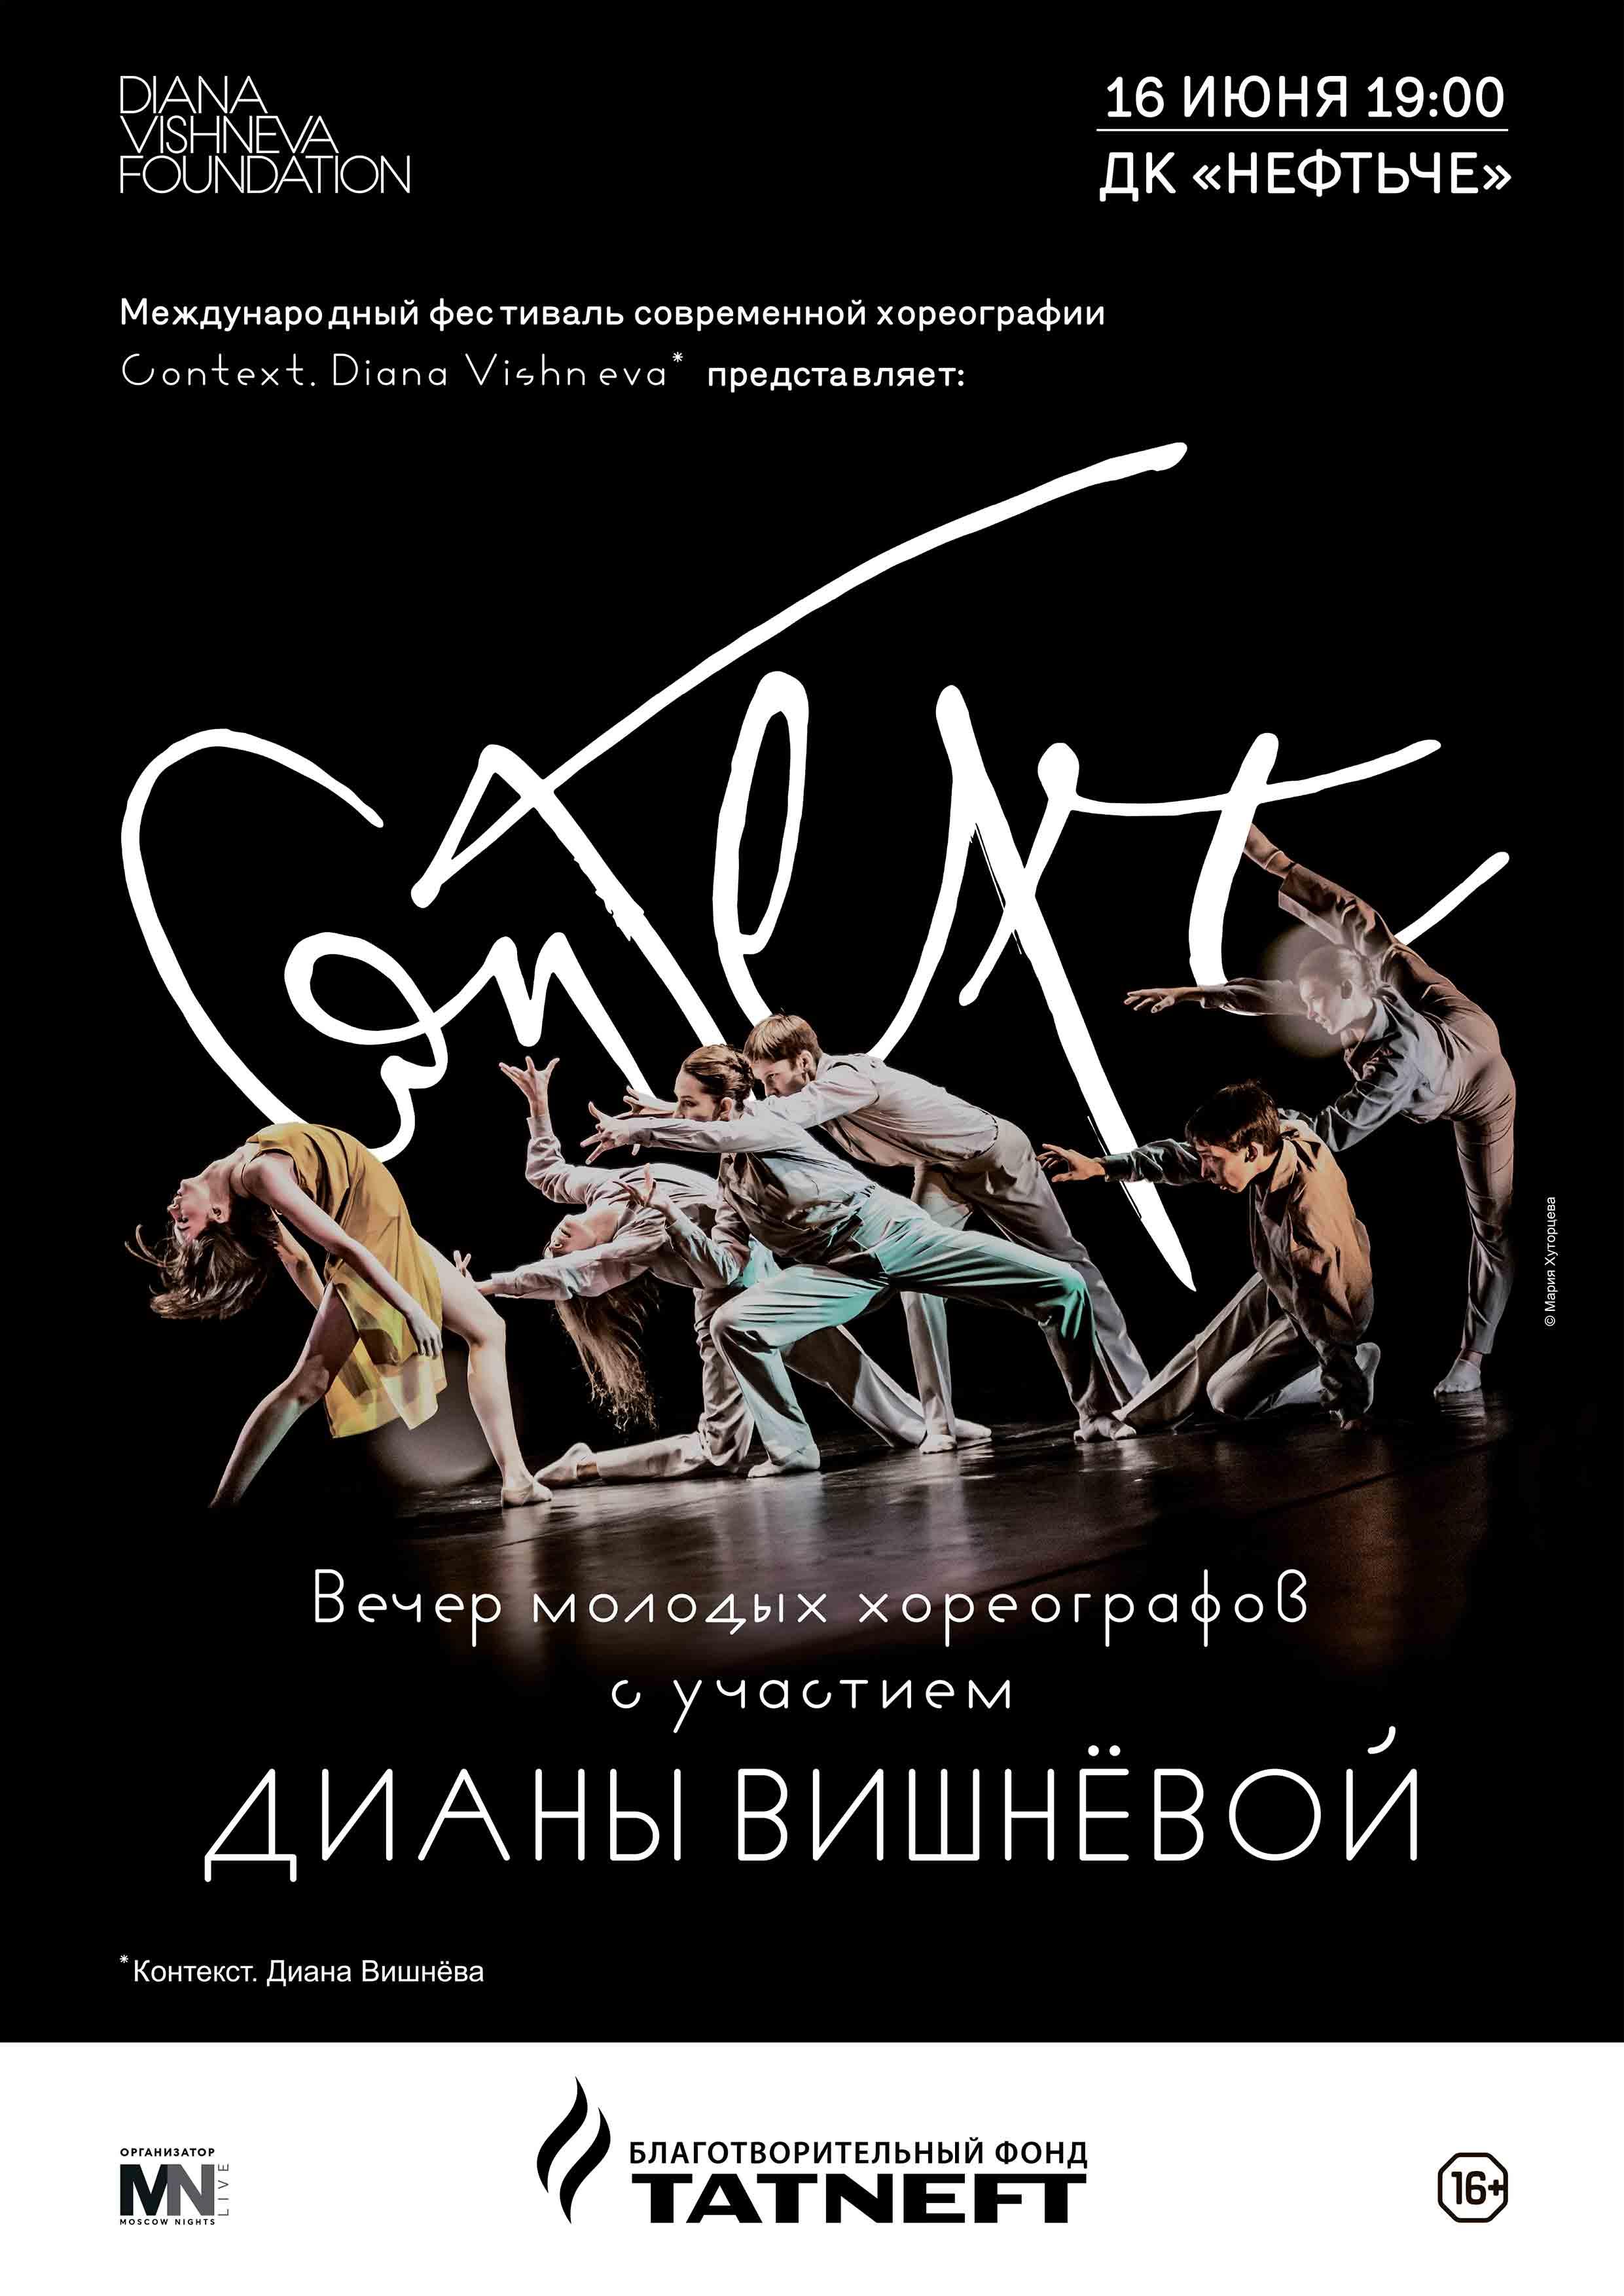 Вечер современной хореографии с участием Дианы Вишнёвой